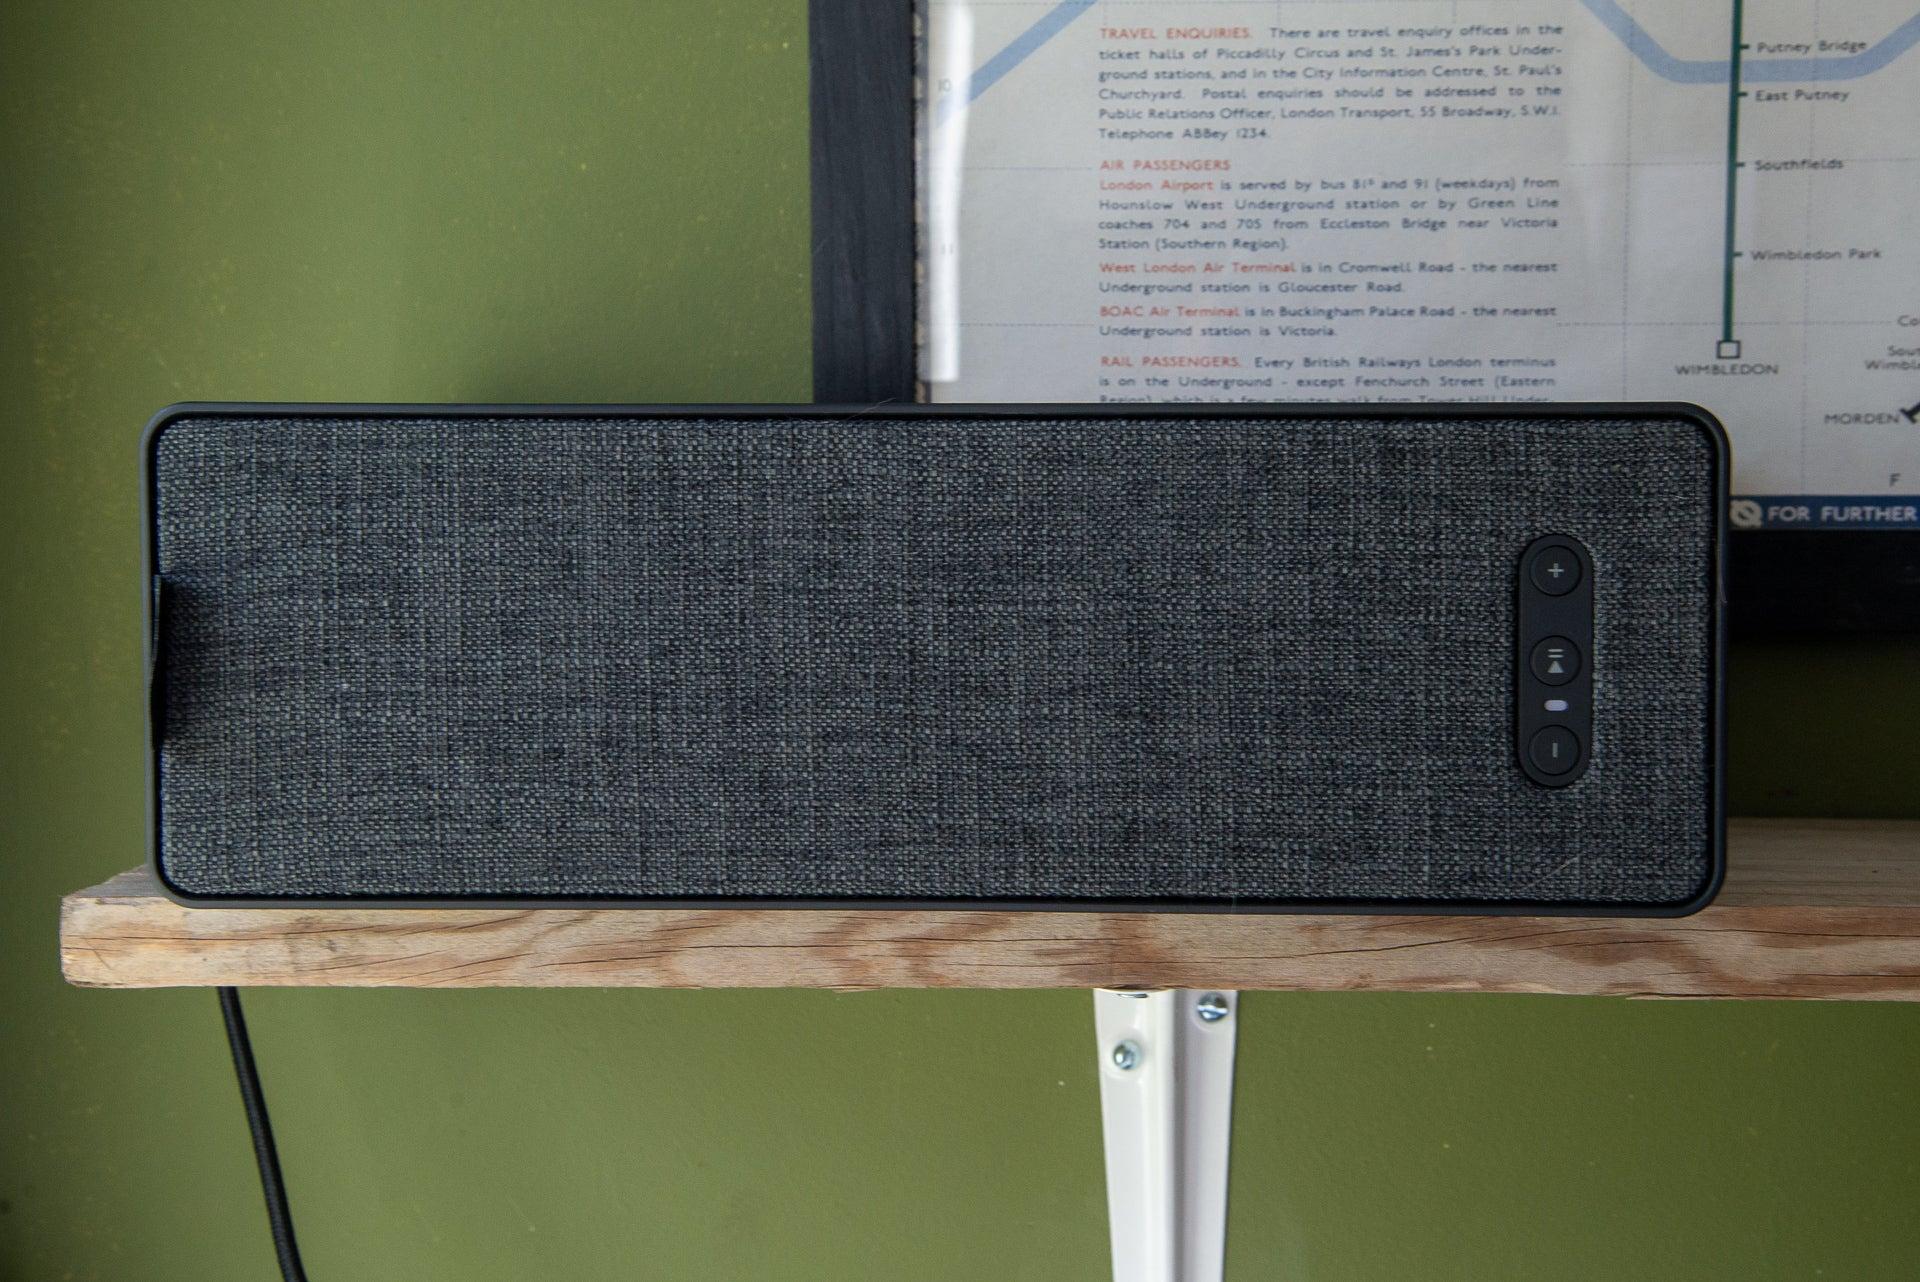 Ikea Symfonisk Bookshelf Speaker Review Trusted Reviews